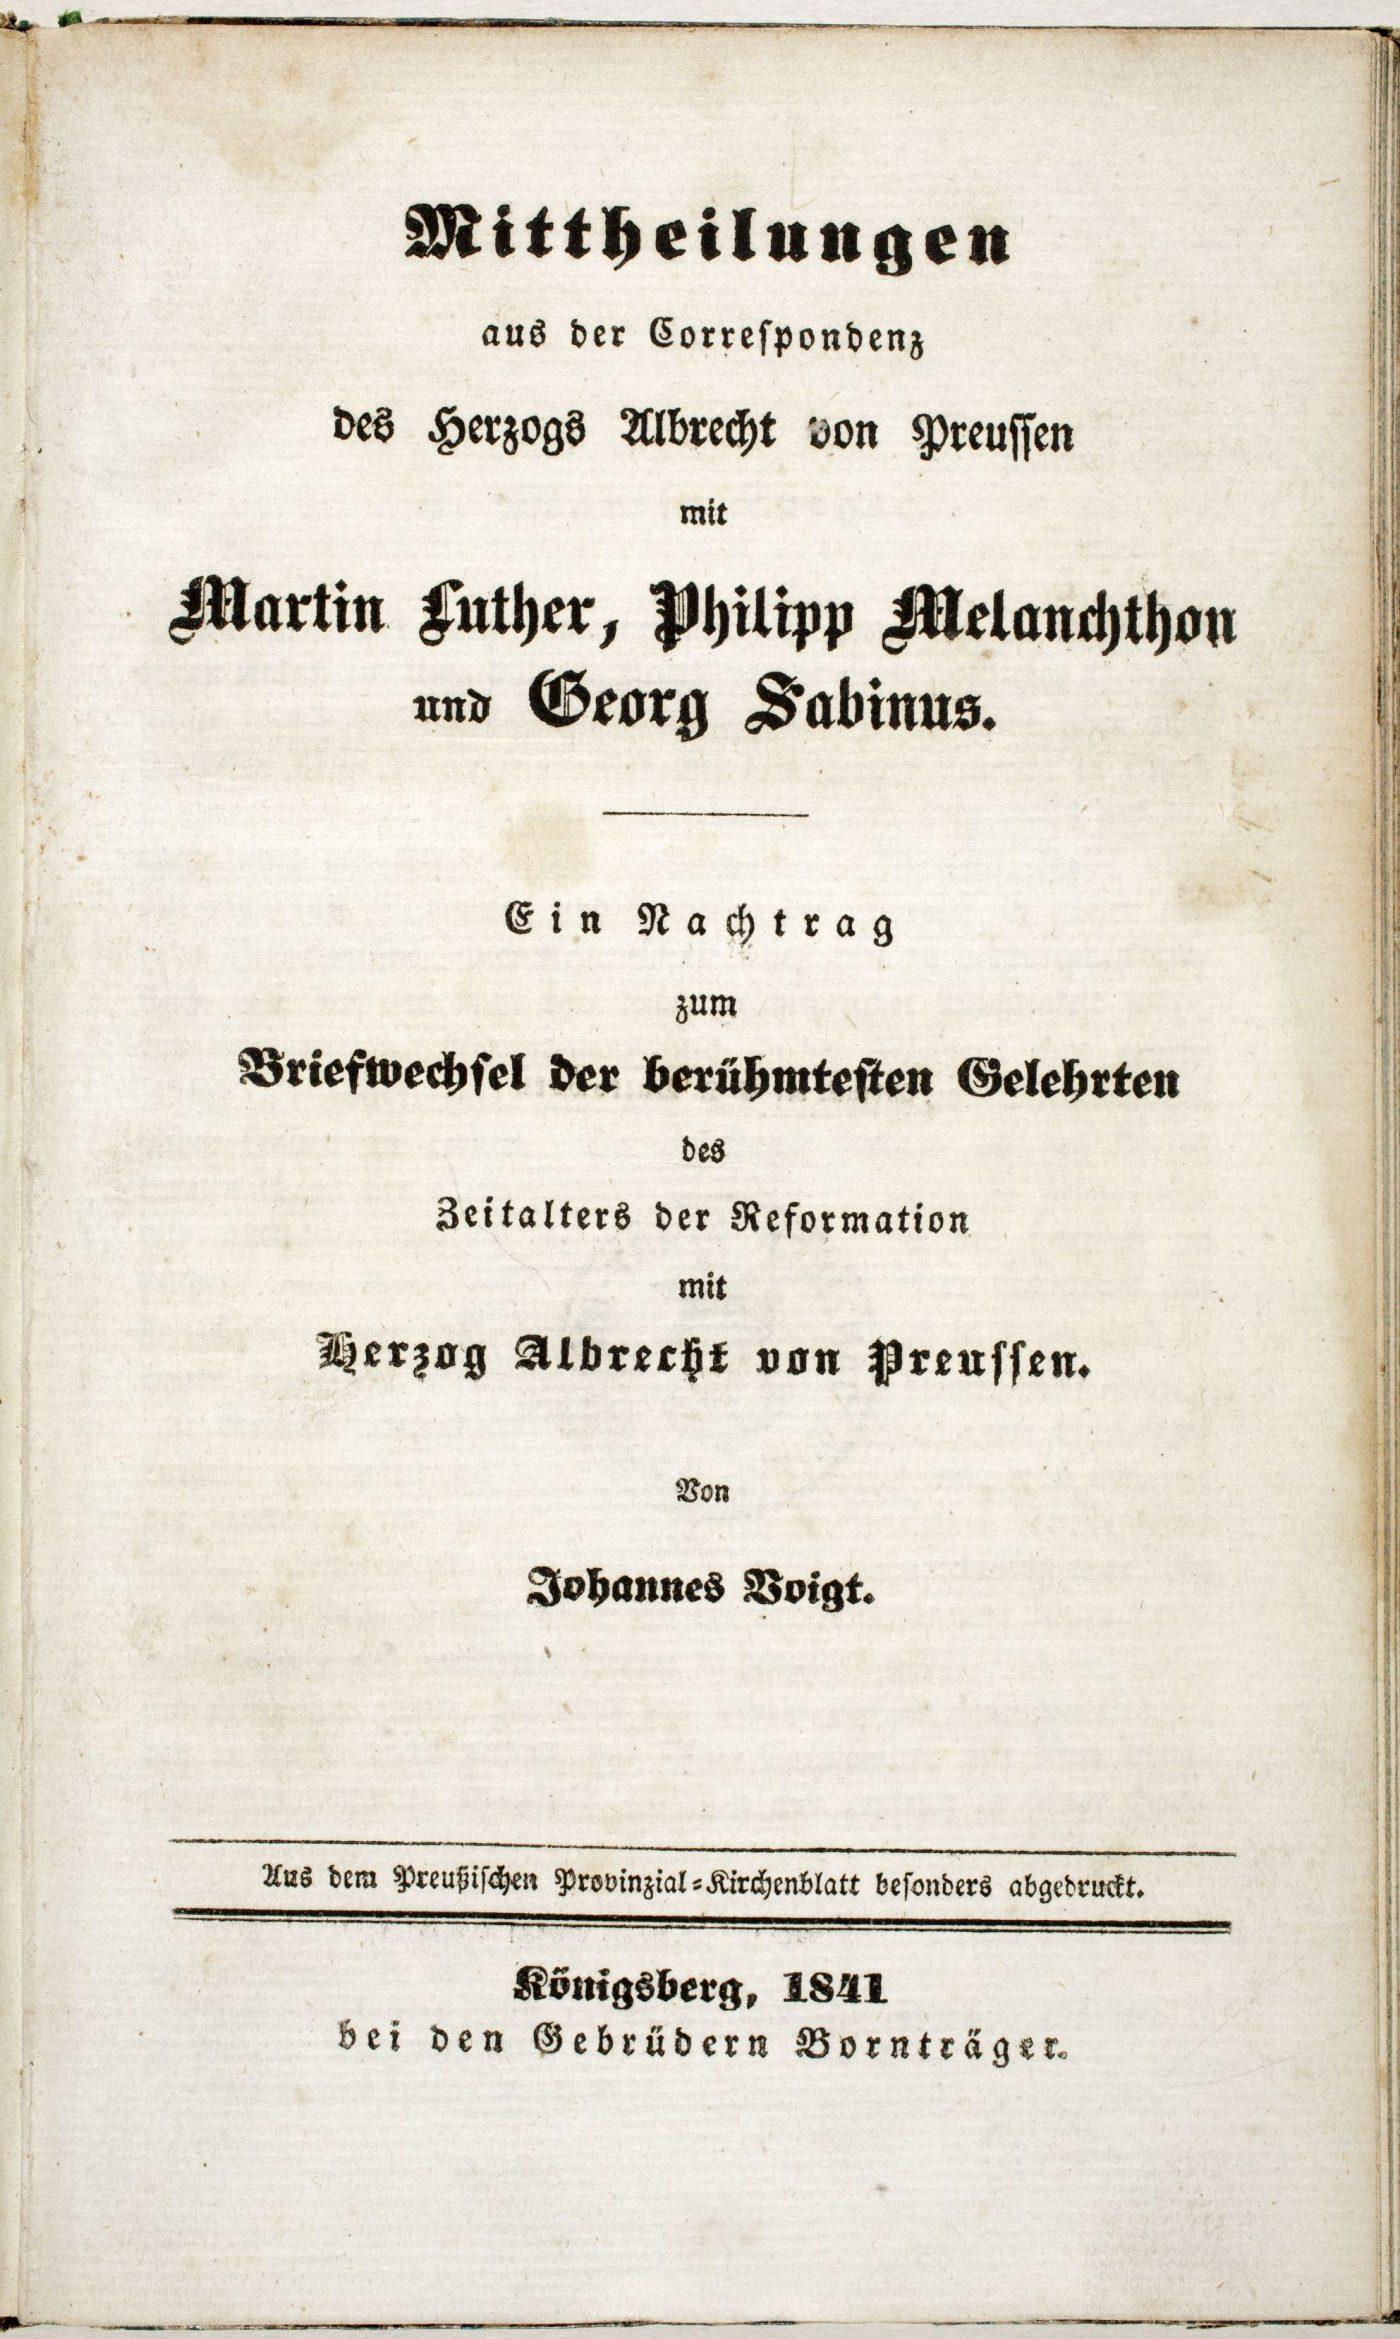 Mittheilungen aus der Correspondenz des Herzogs Albrecht von Preussen mit Martin Luther, Philipp Melanchthon und Georg Sabinus